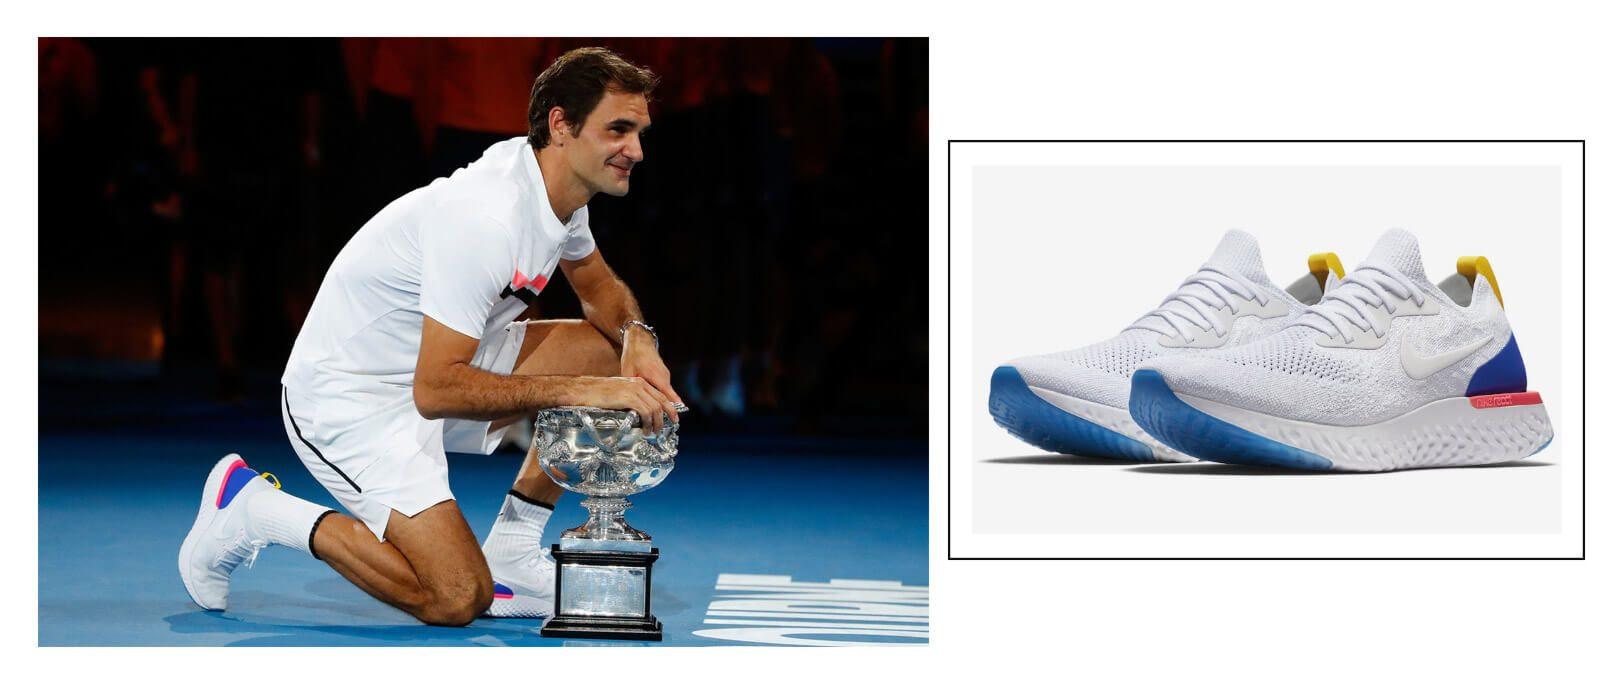 Giày Nike Epic React flyknit cùng ngôi sao Roger Federer